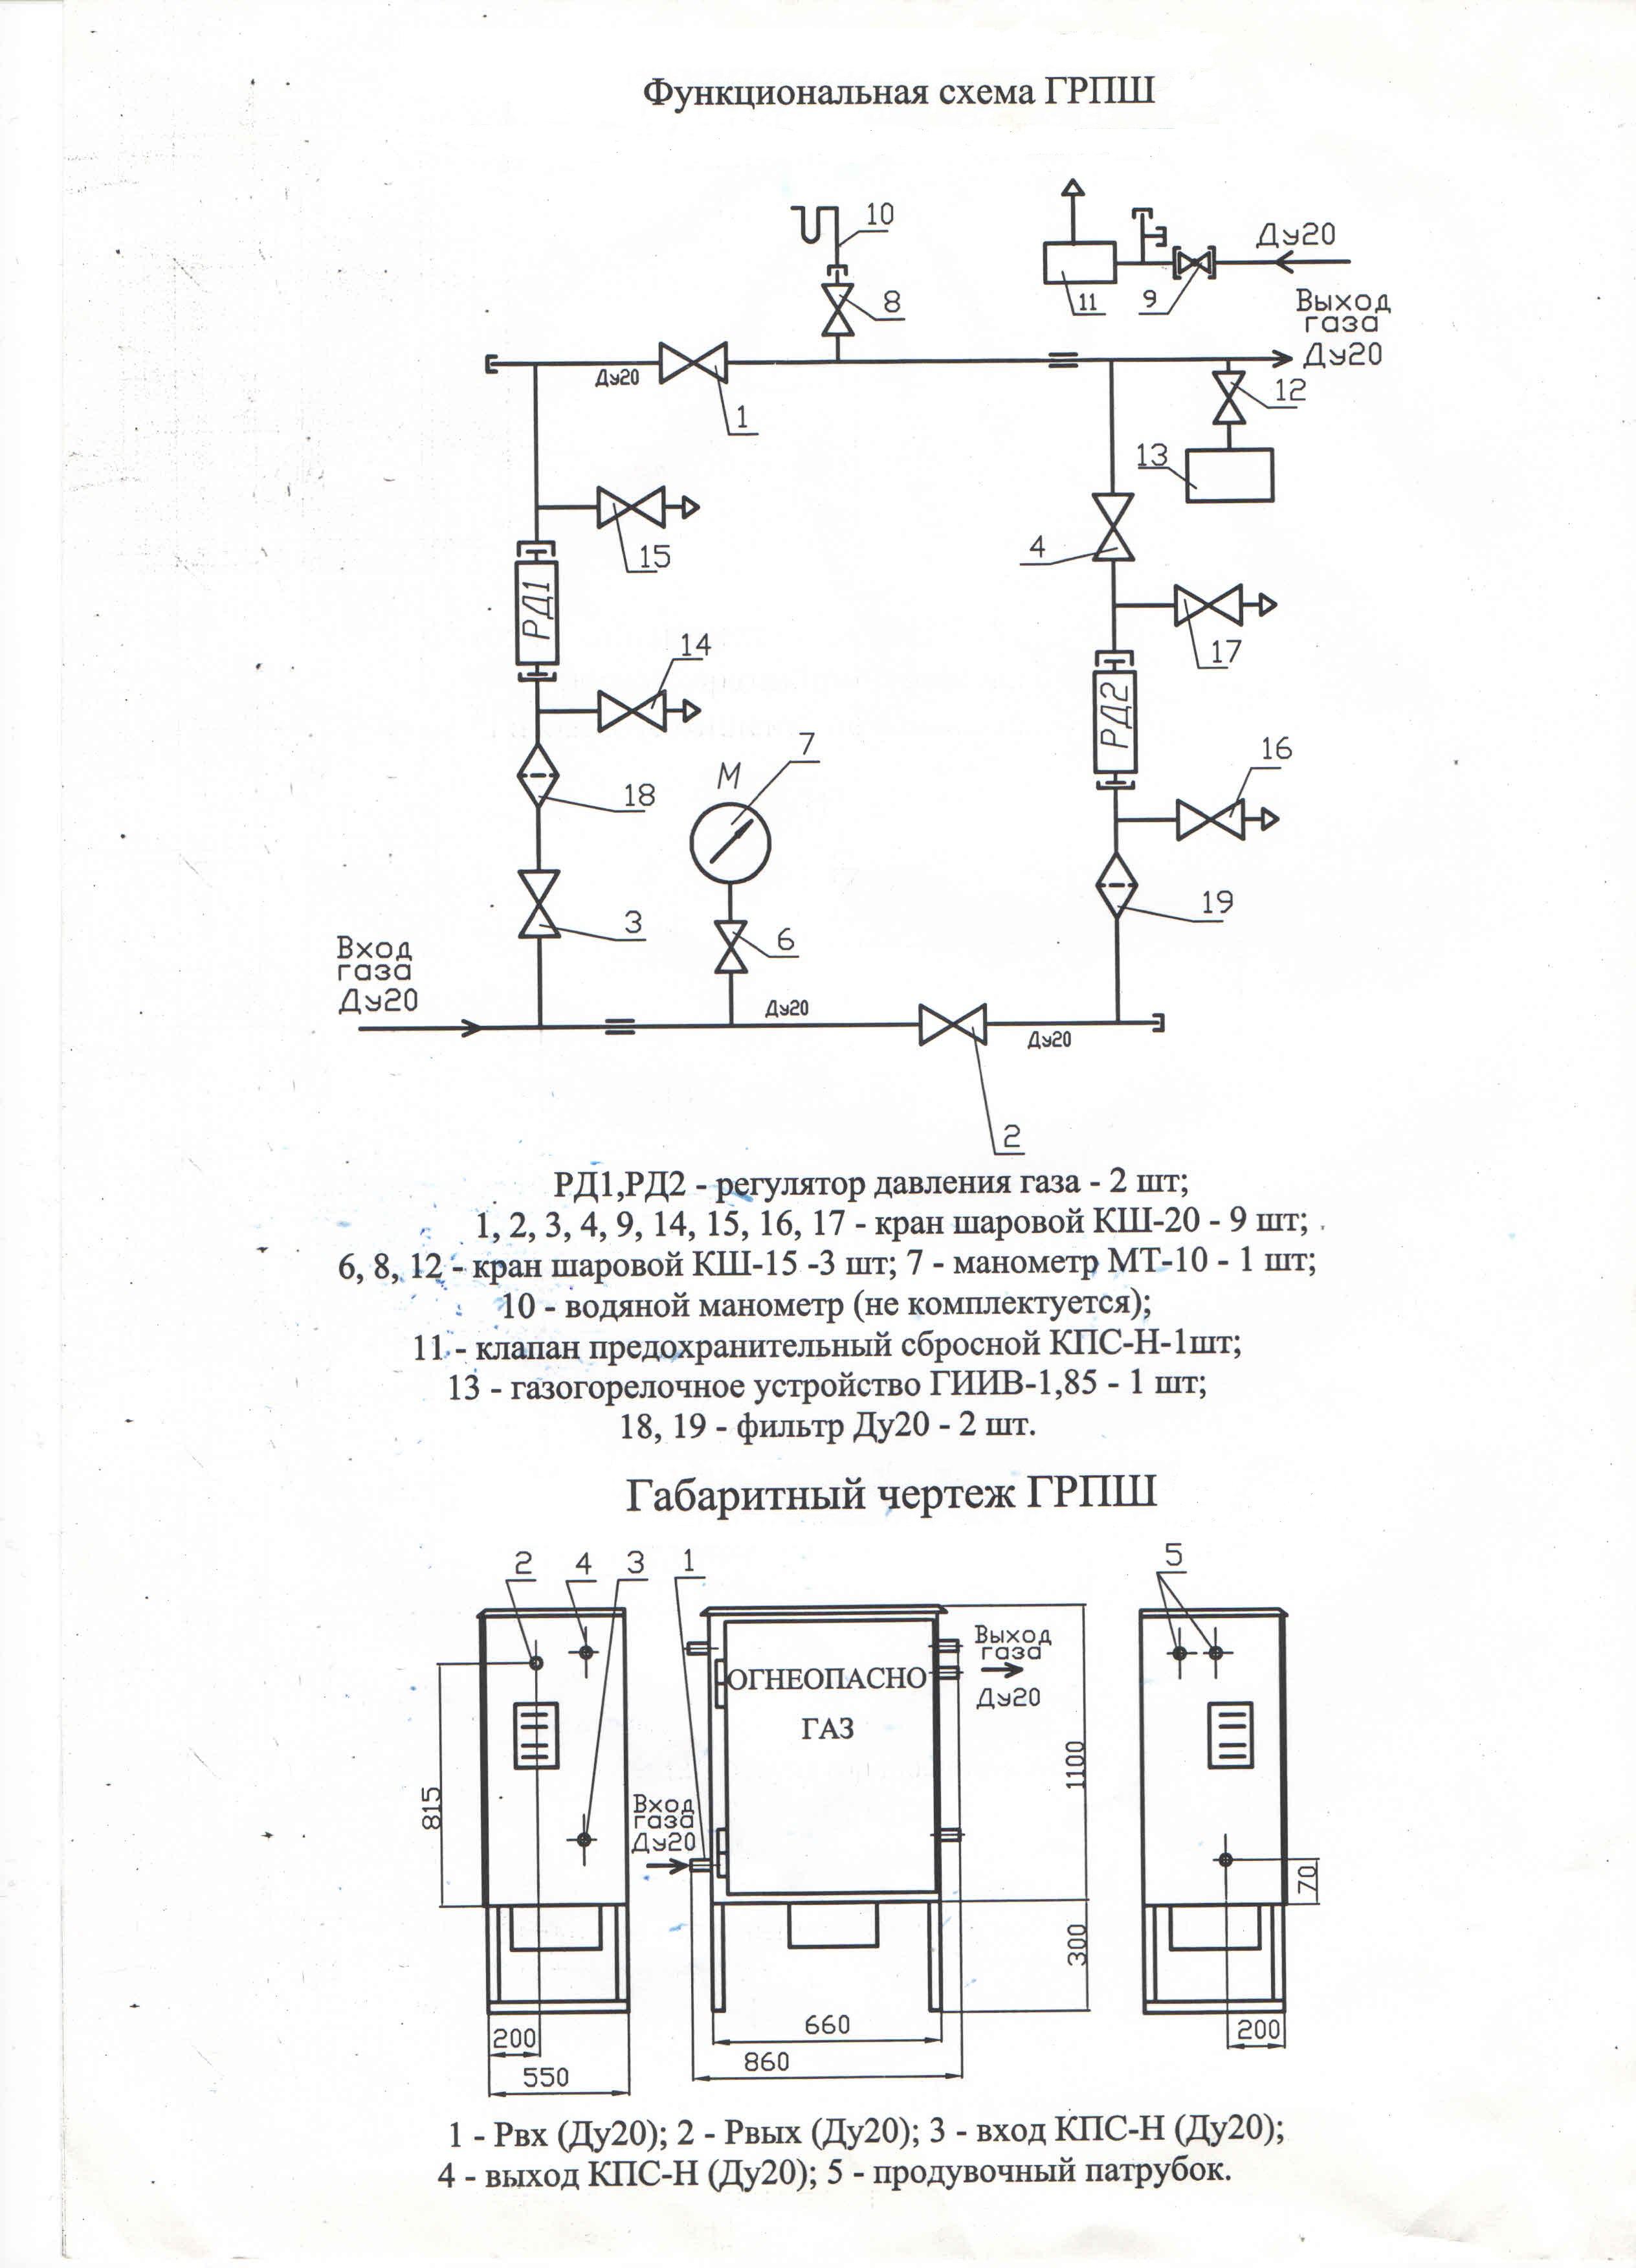 ГРПШ 10мс-2у1 технические характеристики